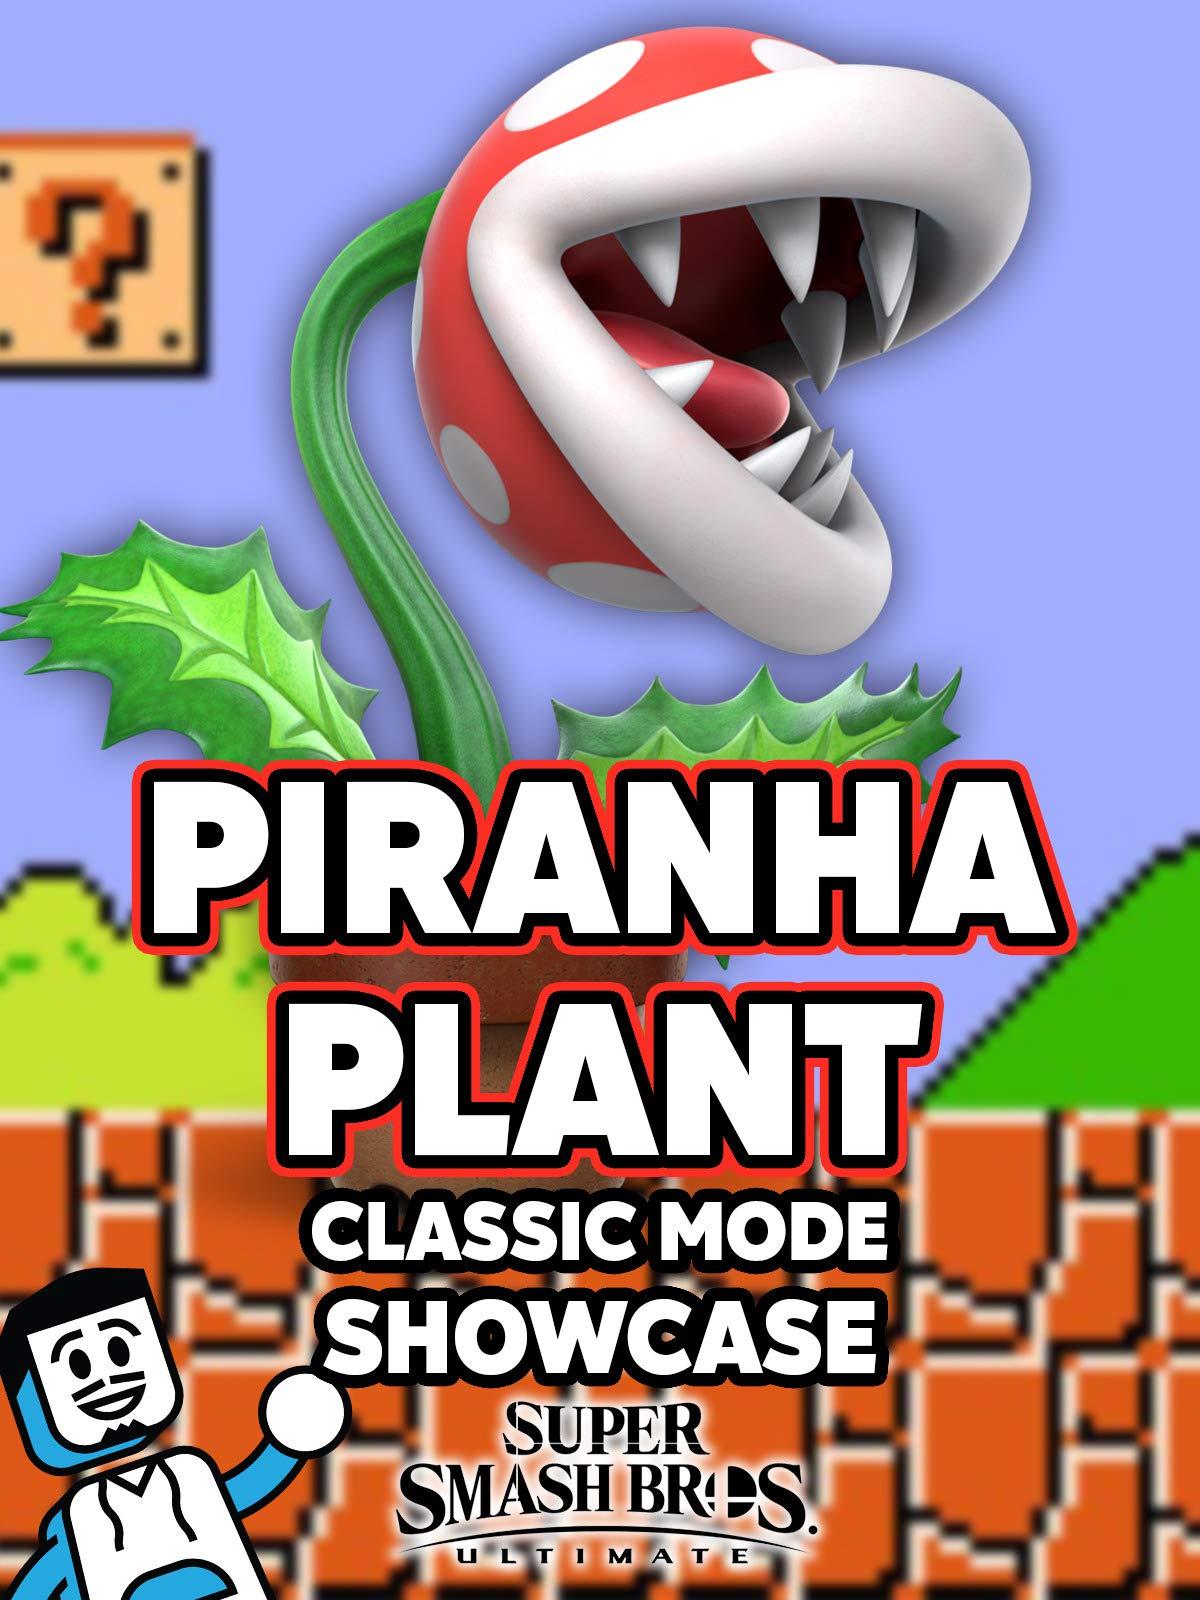 Clip: Piranha Plant Classic Mode Showcase in Super Smash Bros. Ultimate